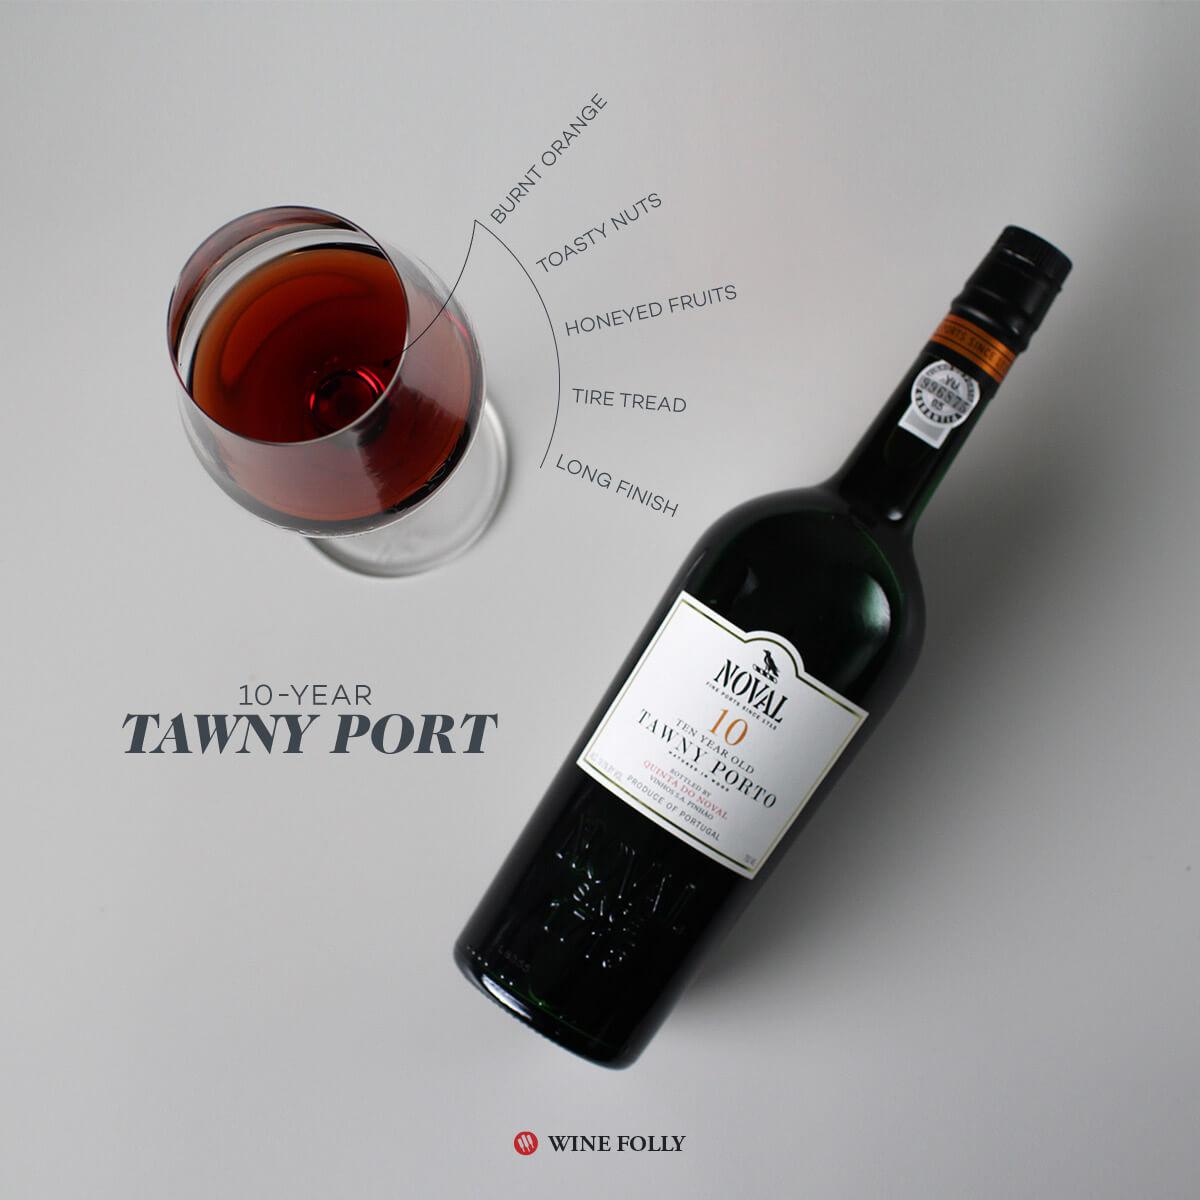 10-tawny-port-quinta-do-noval-winefolly